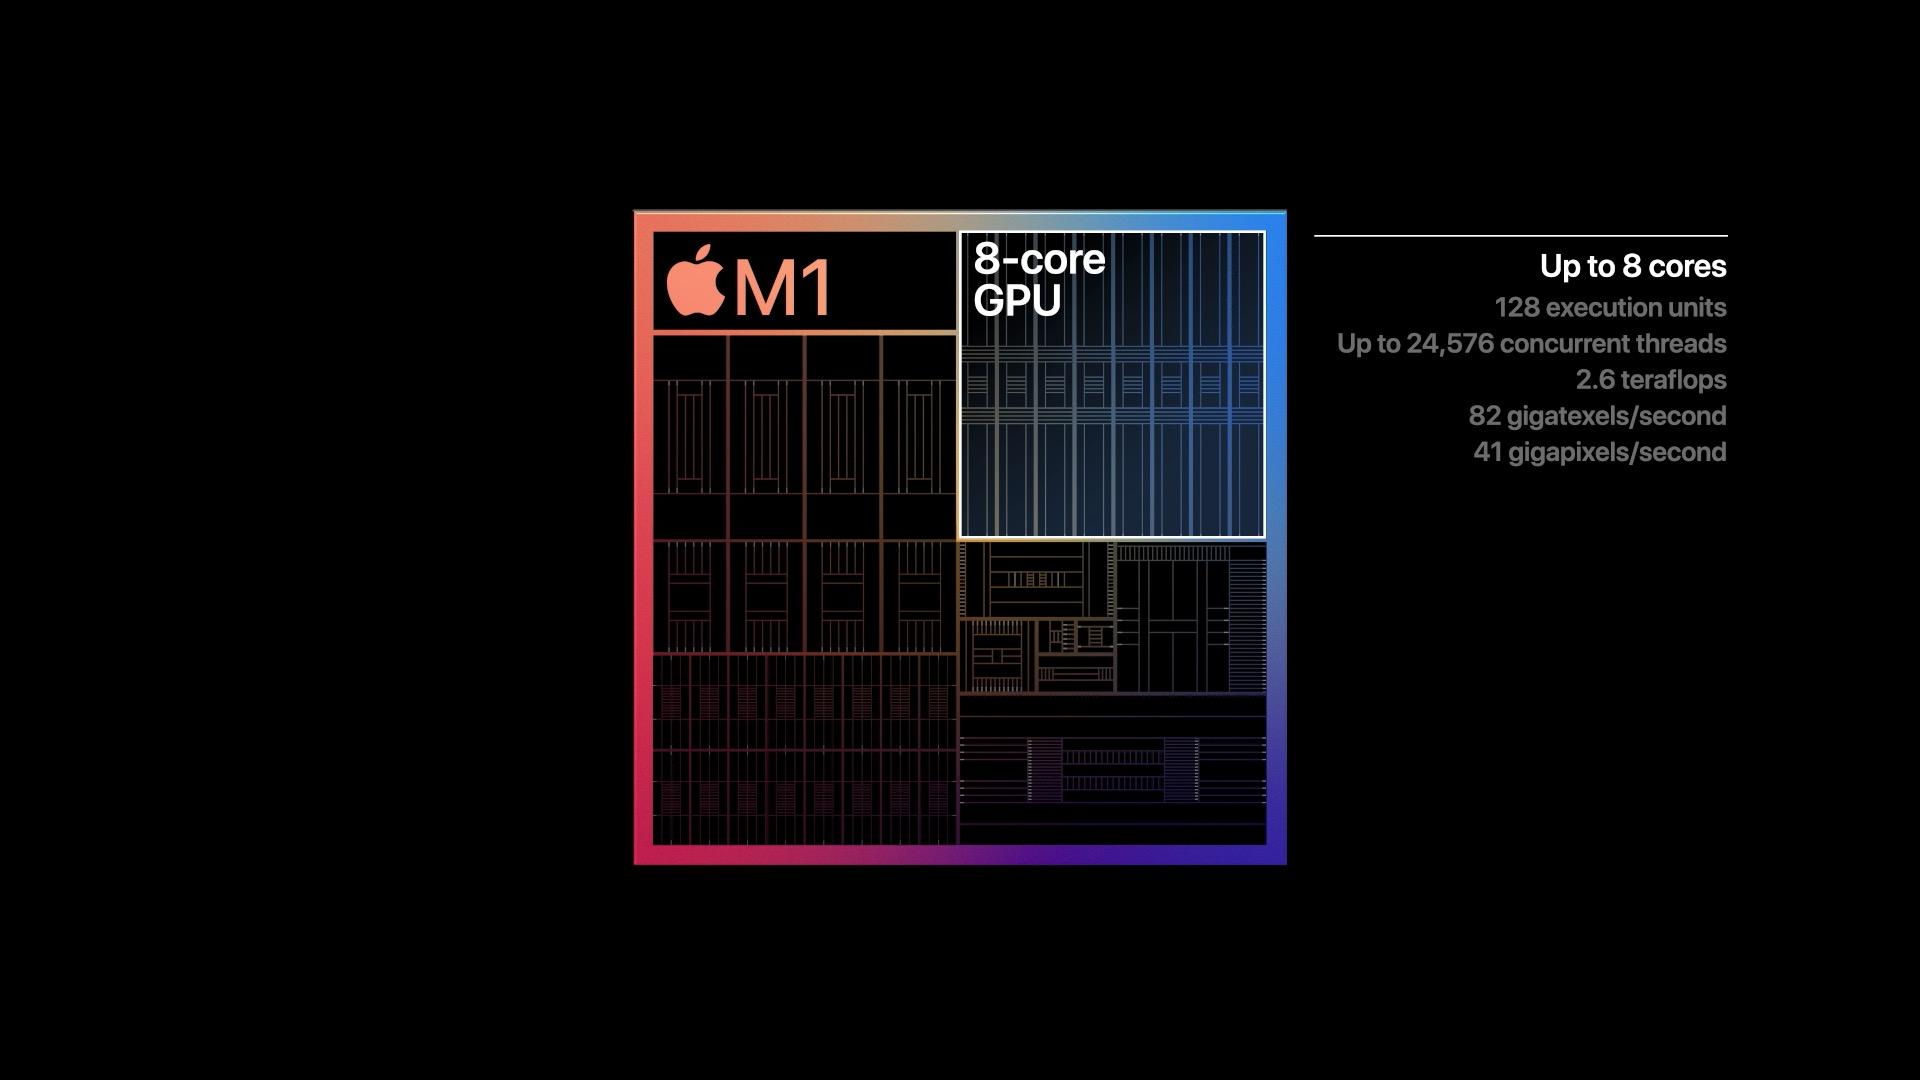 8 Core GPU M1